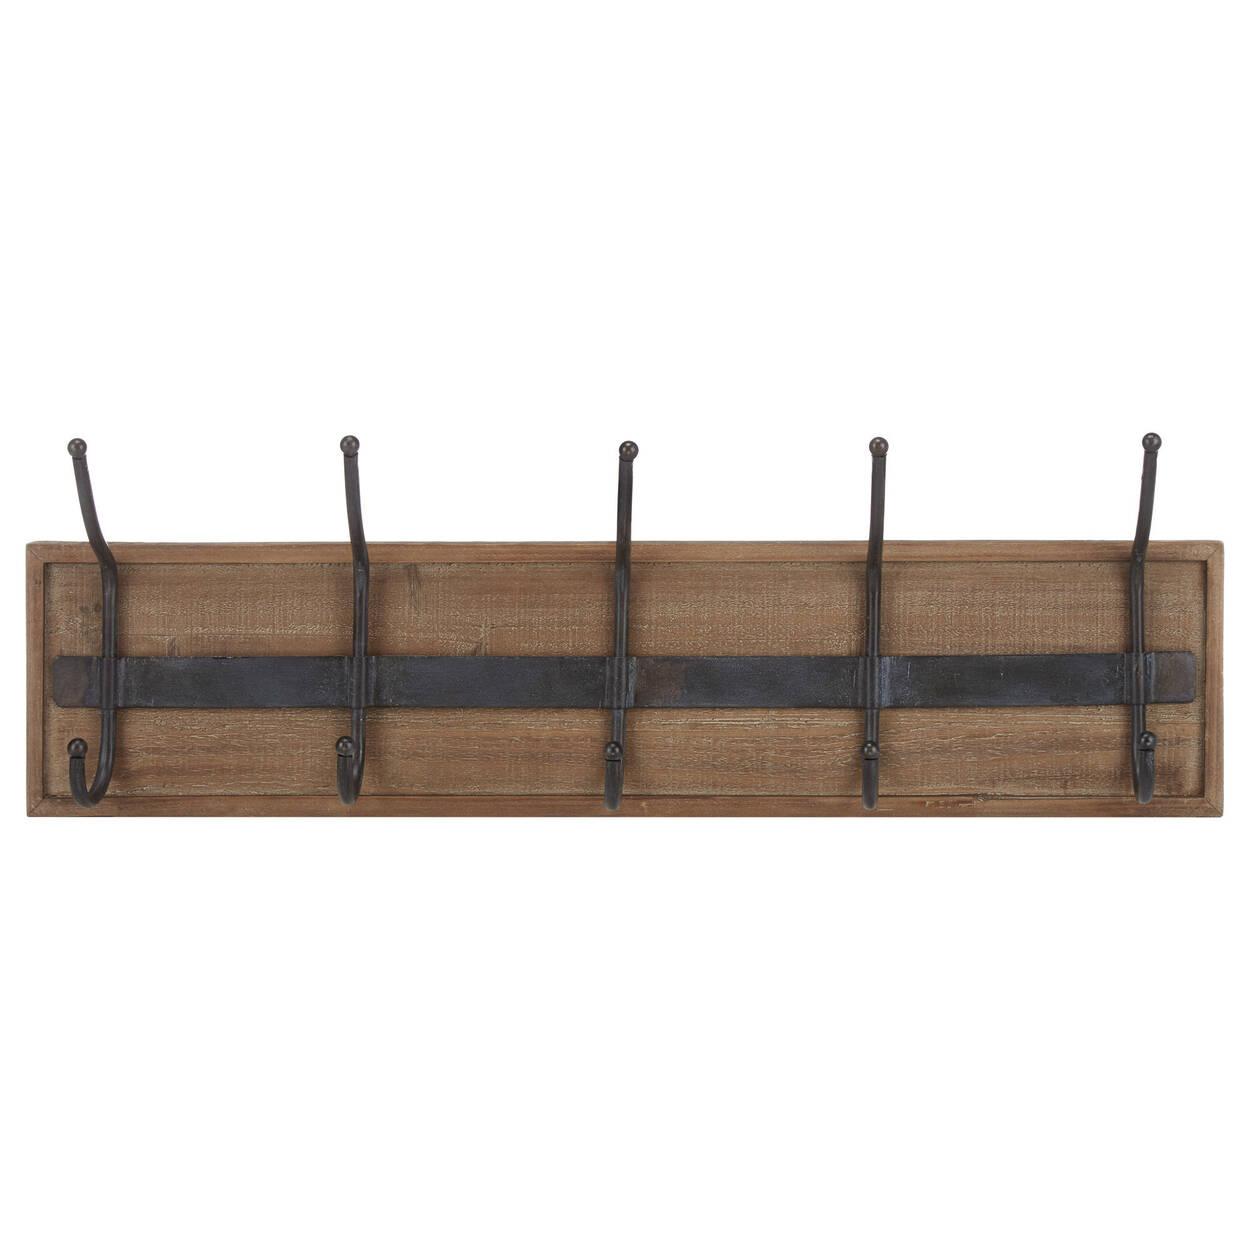 Set of 5 Hooks on Wood Plank